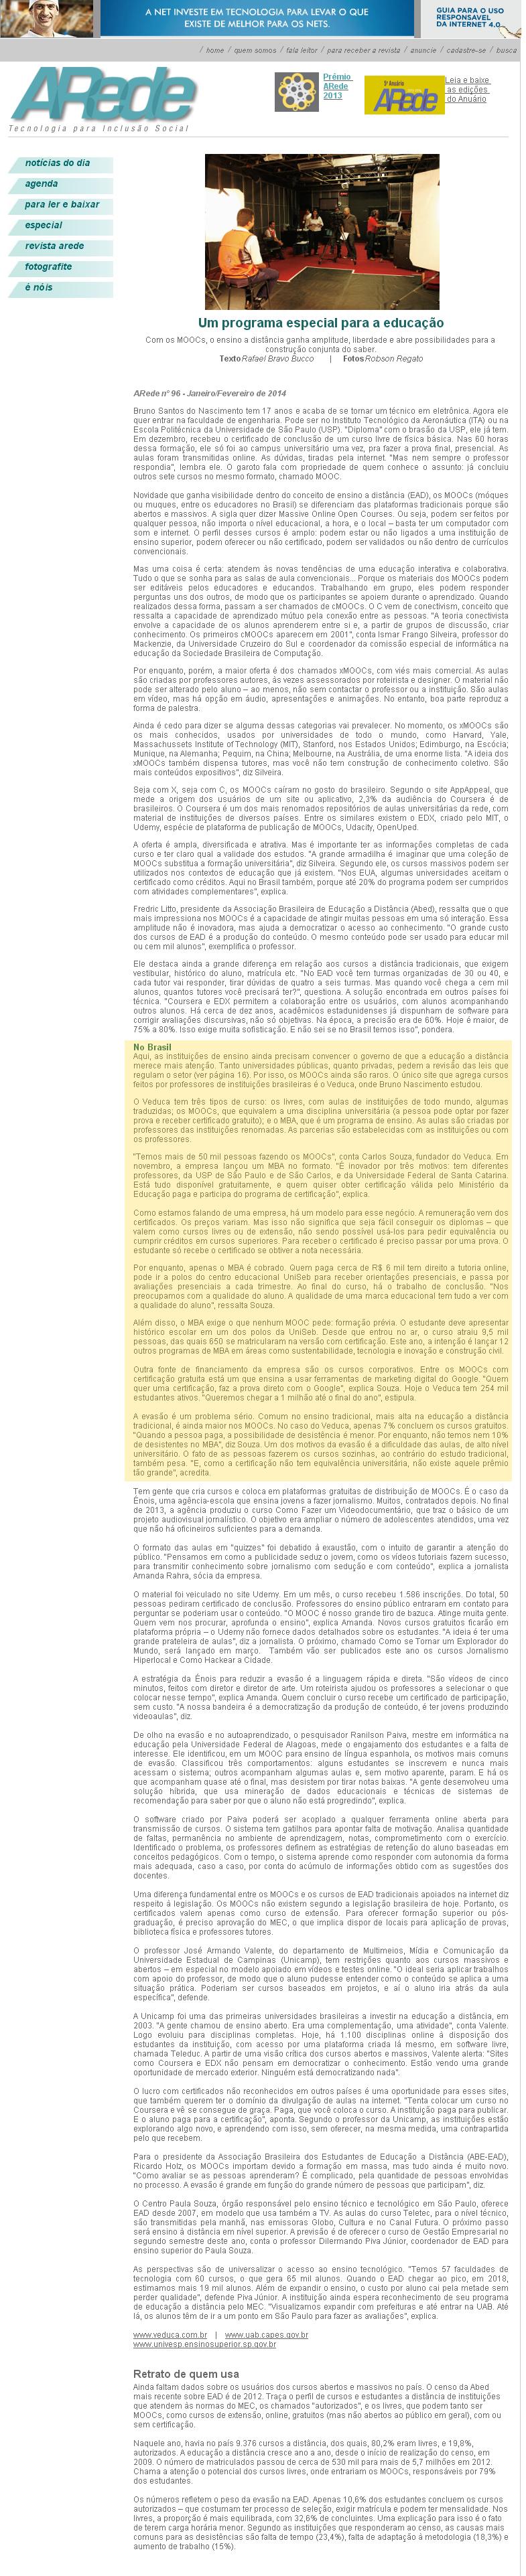 PORTAL ARede- Fevereiro-MatériaVeduca.jpeg